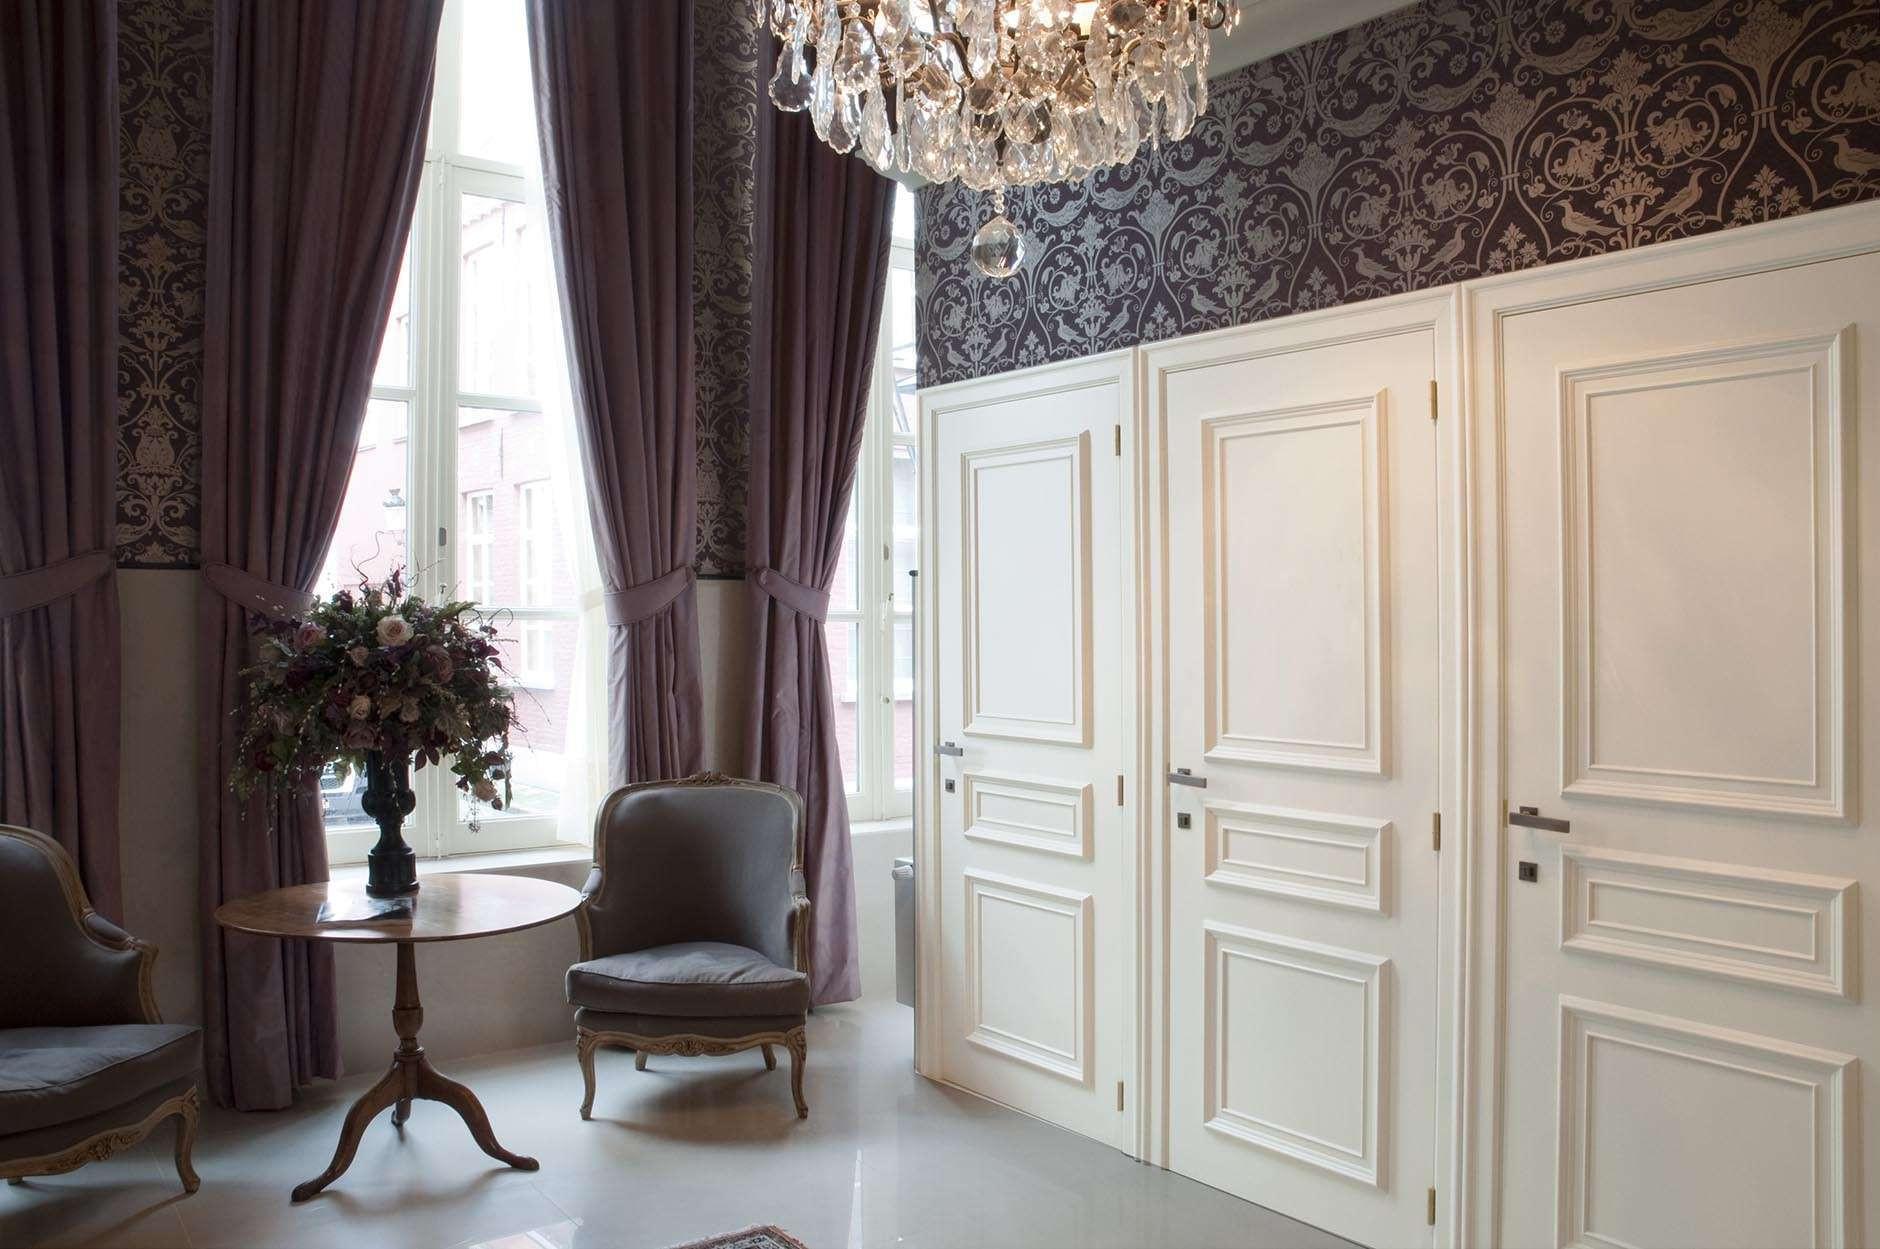 Nordex_Brugge hotel Casselbergh_4